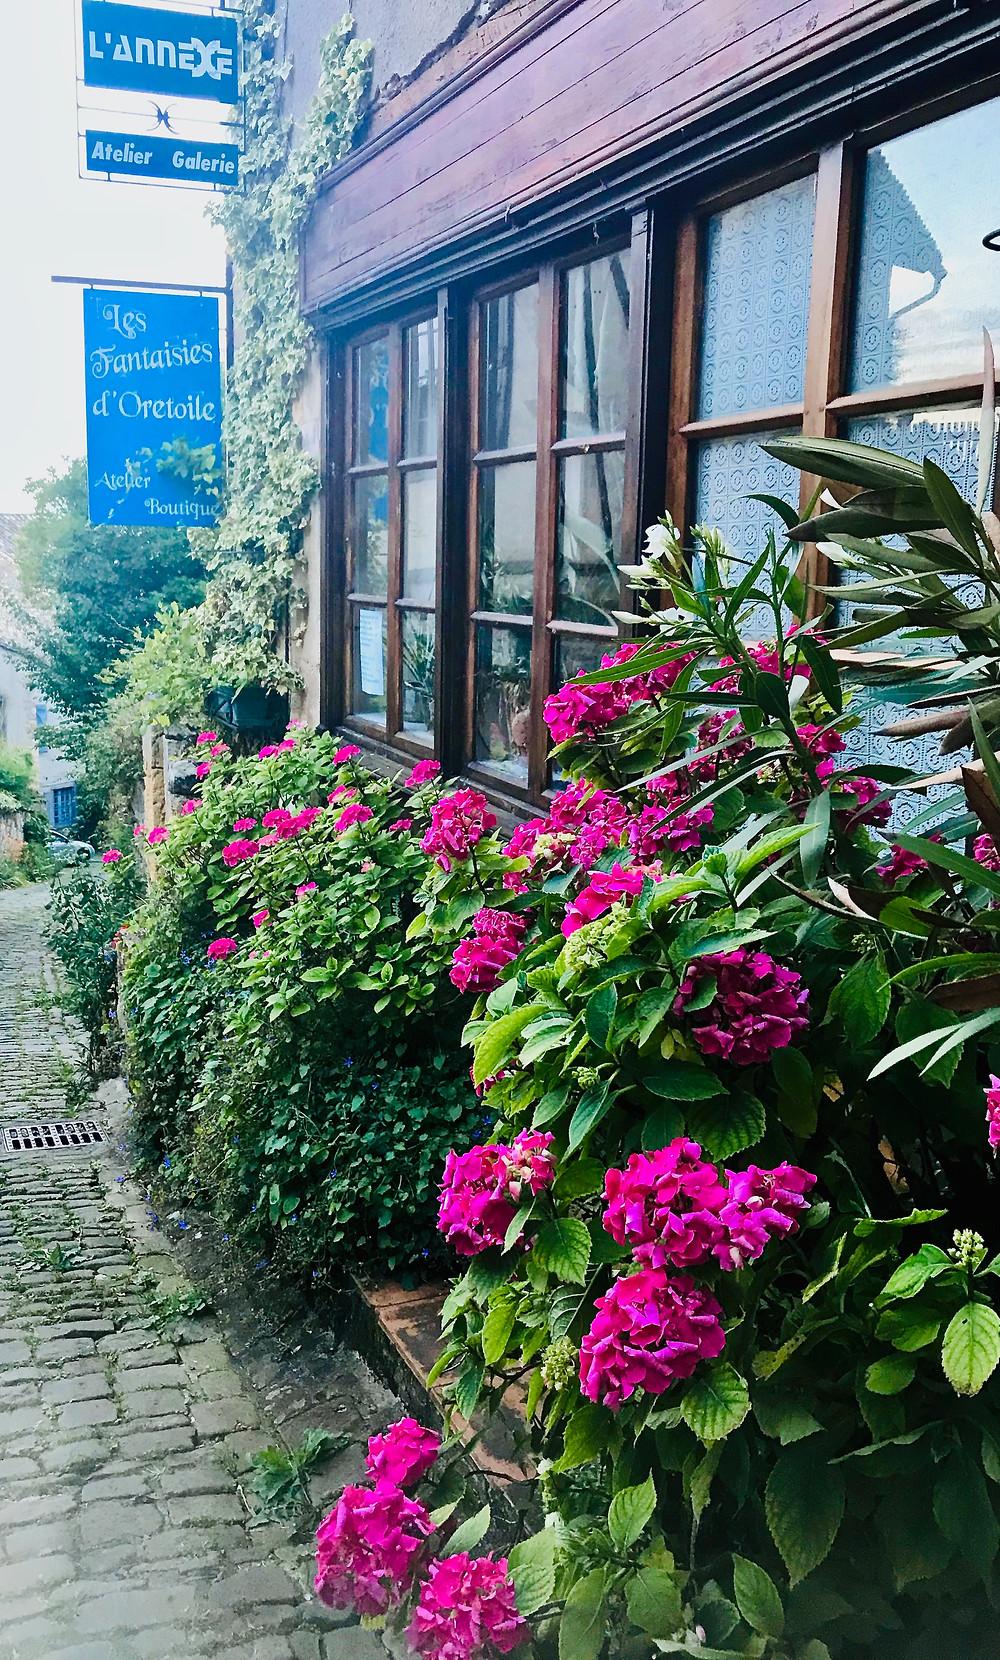 hydrangea bushes outside a restaurant in Cordes Sur Ciel